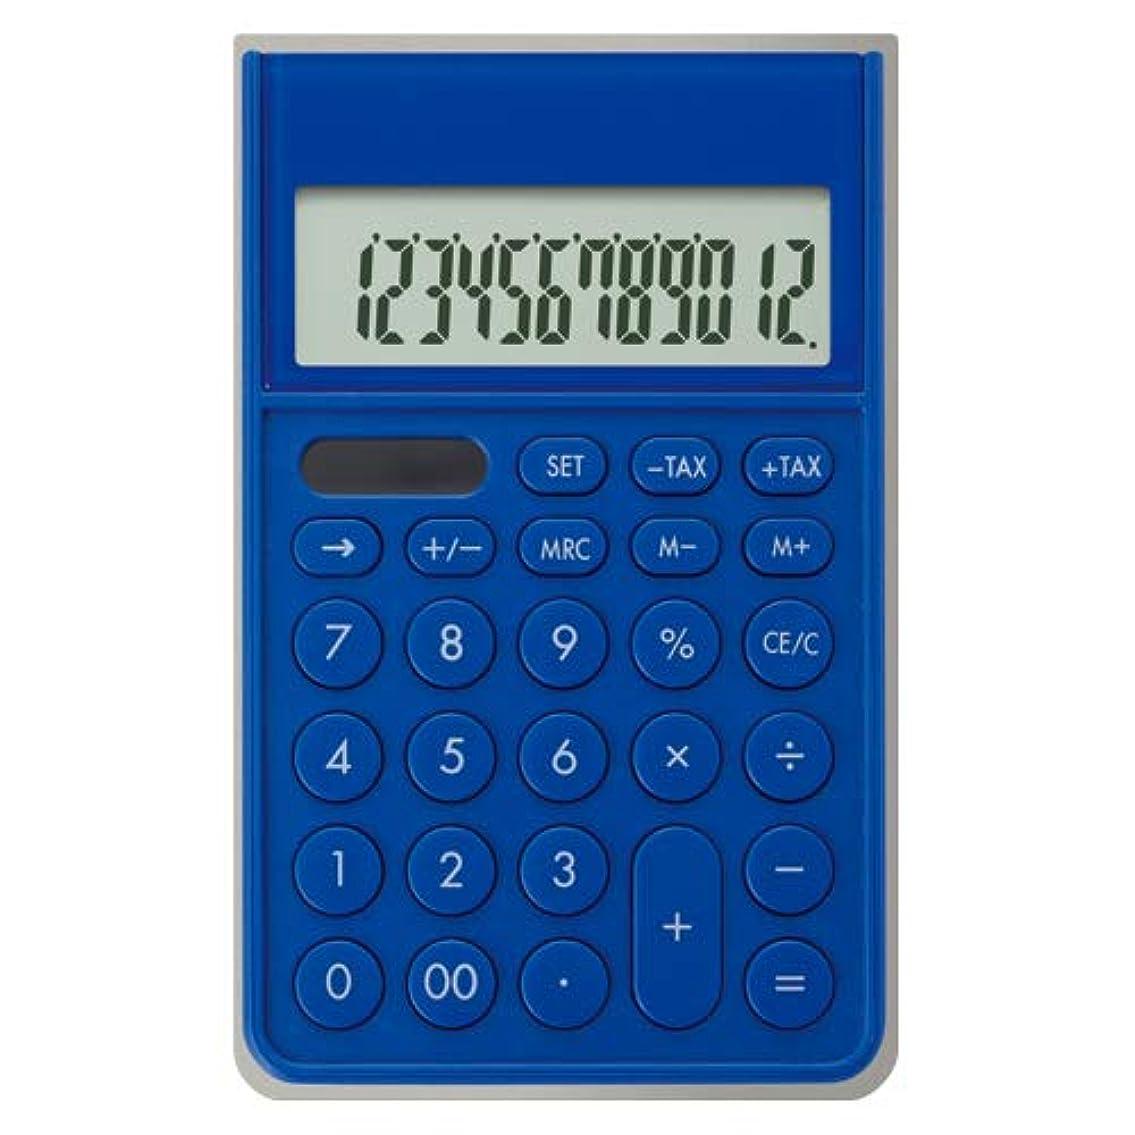 チャーター口述する災害アスカ カバー付き電卓 ブルー C1241B 【まとめ買い3個セット】